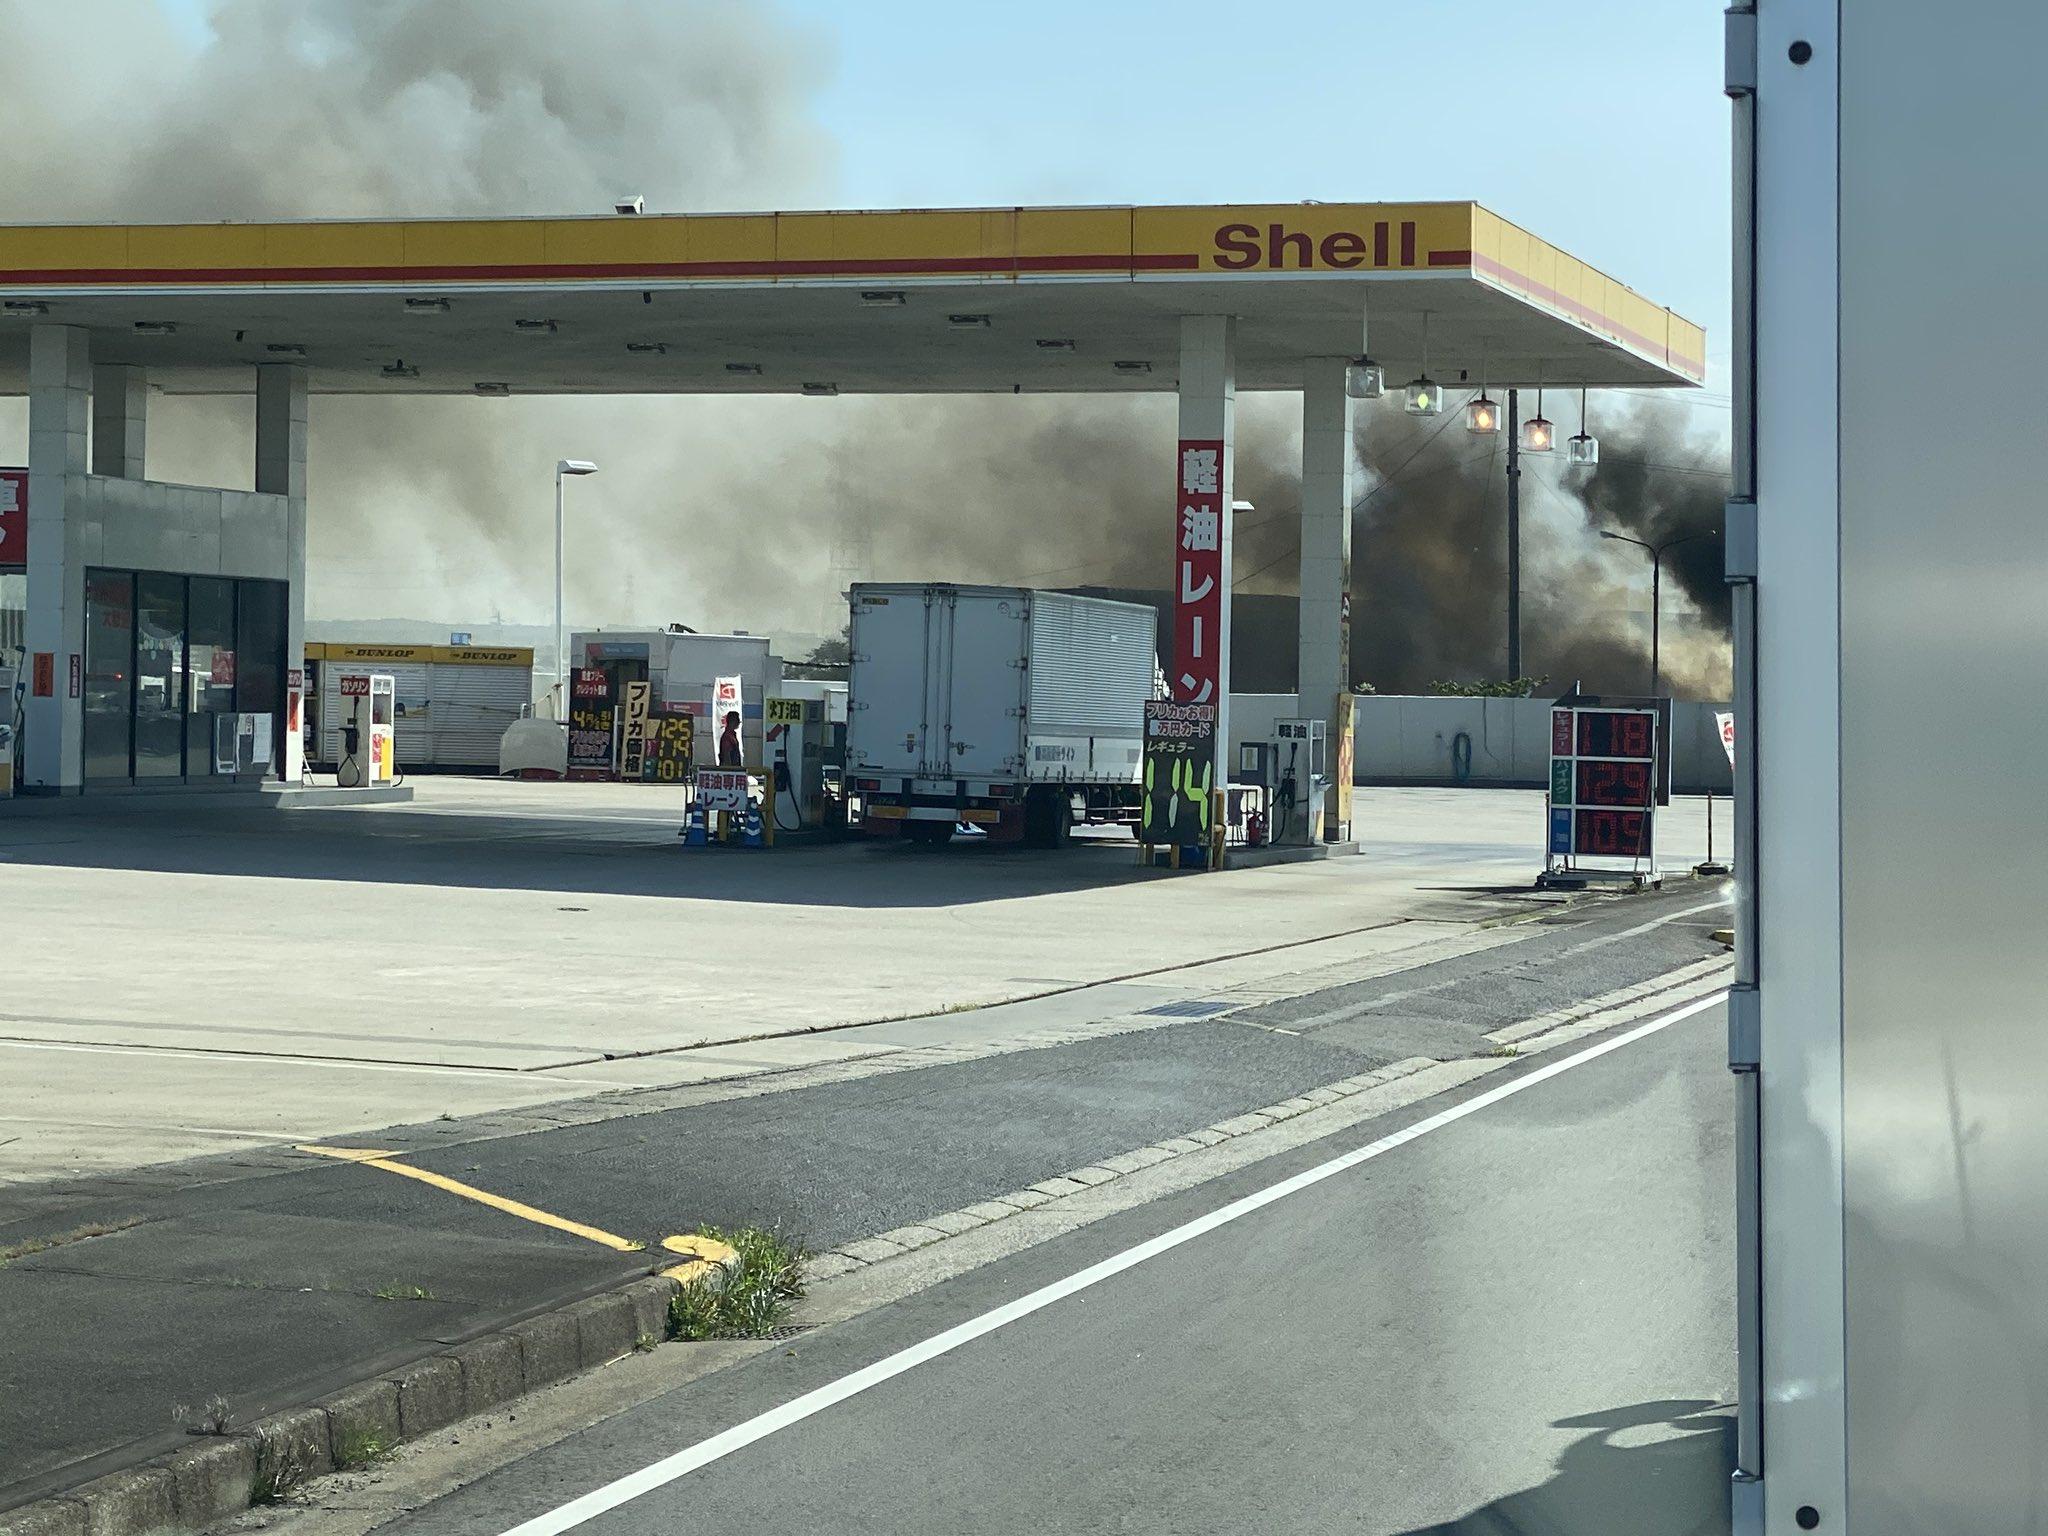 鈴鹿市上野町で火事が起きている現場の画像